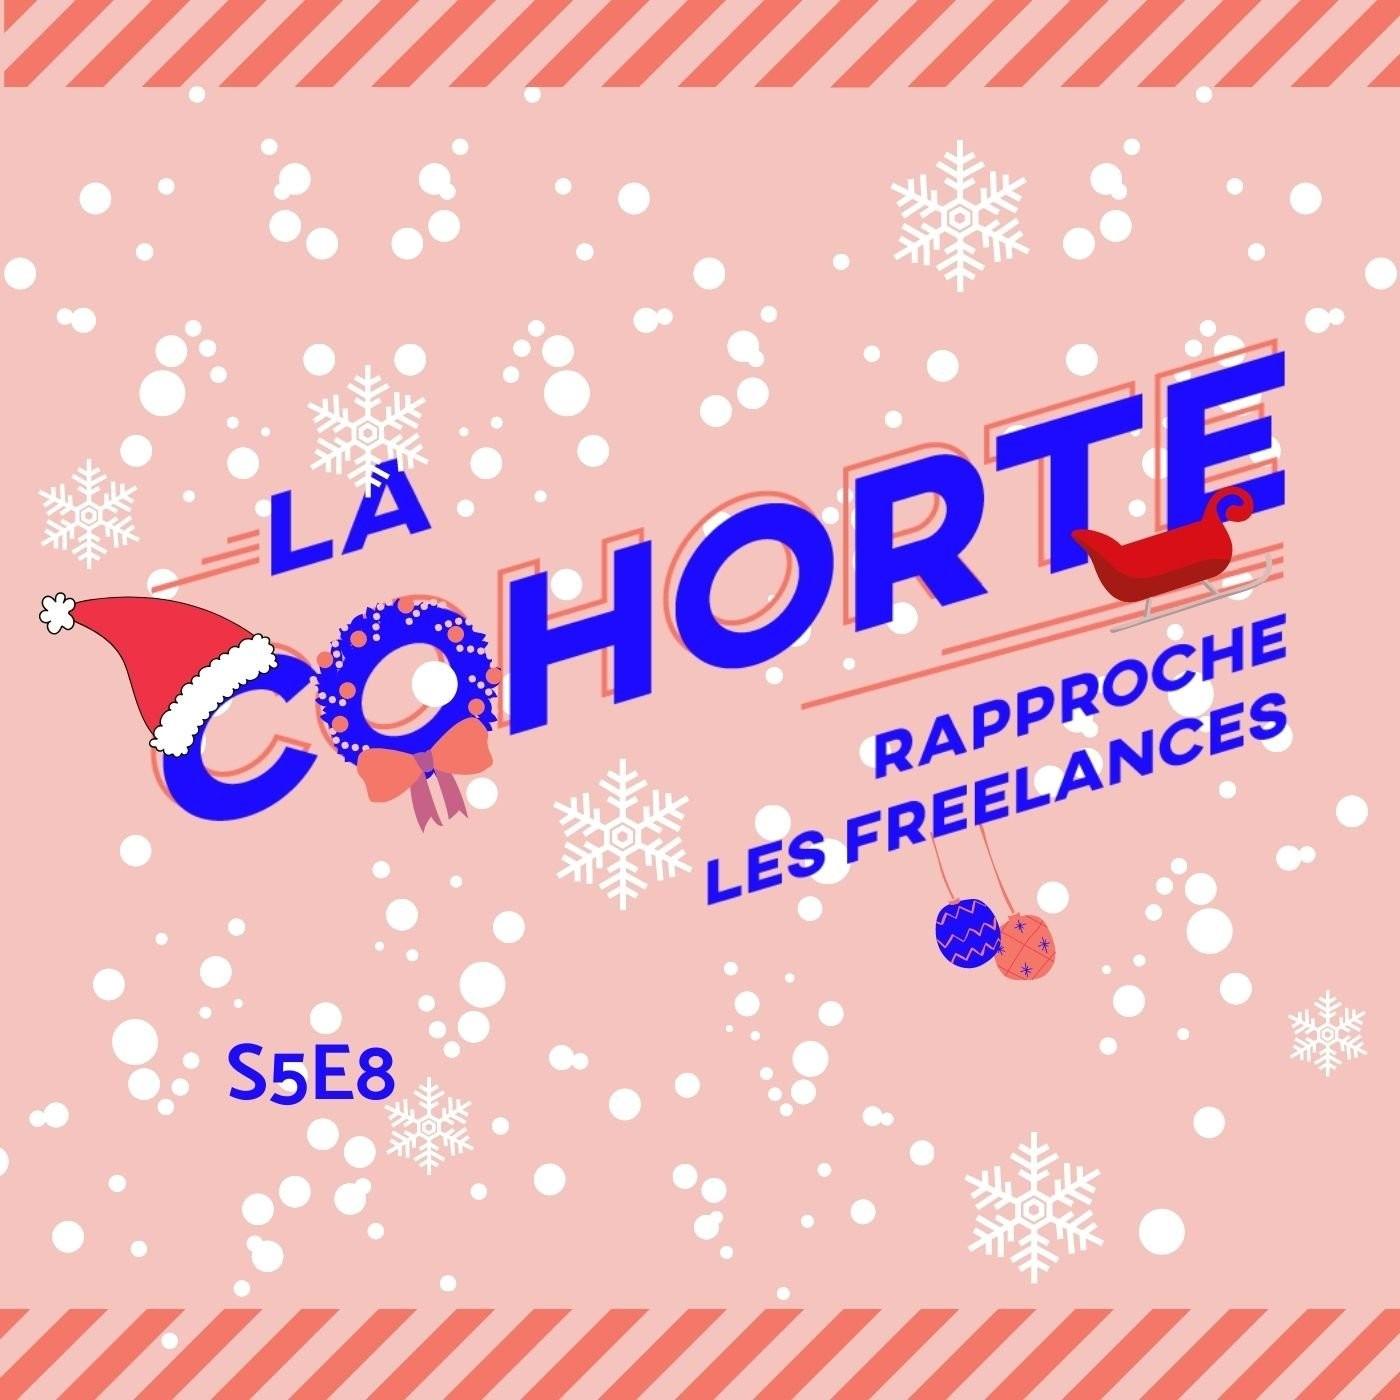 La Cohorte/ S5E8/ Le chocolat chaud - Spécial Noël